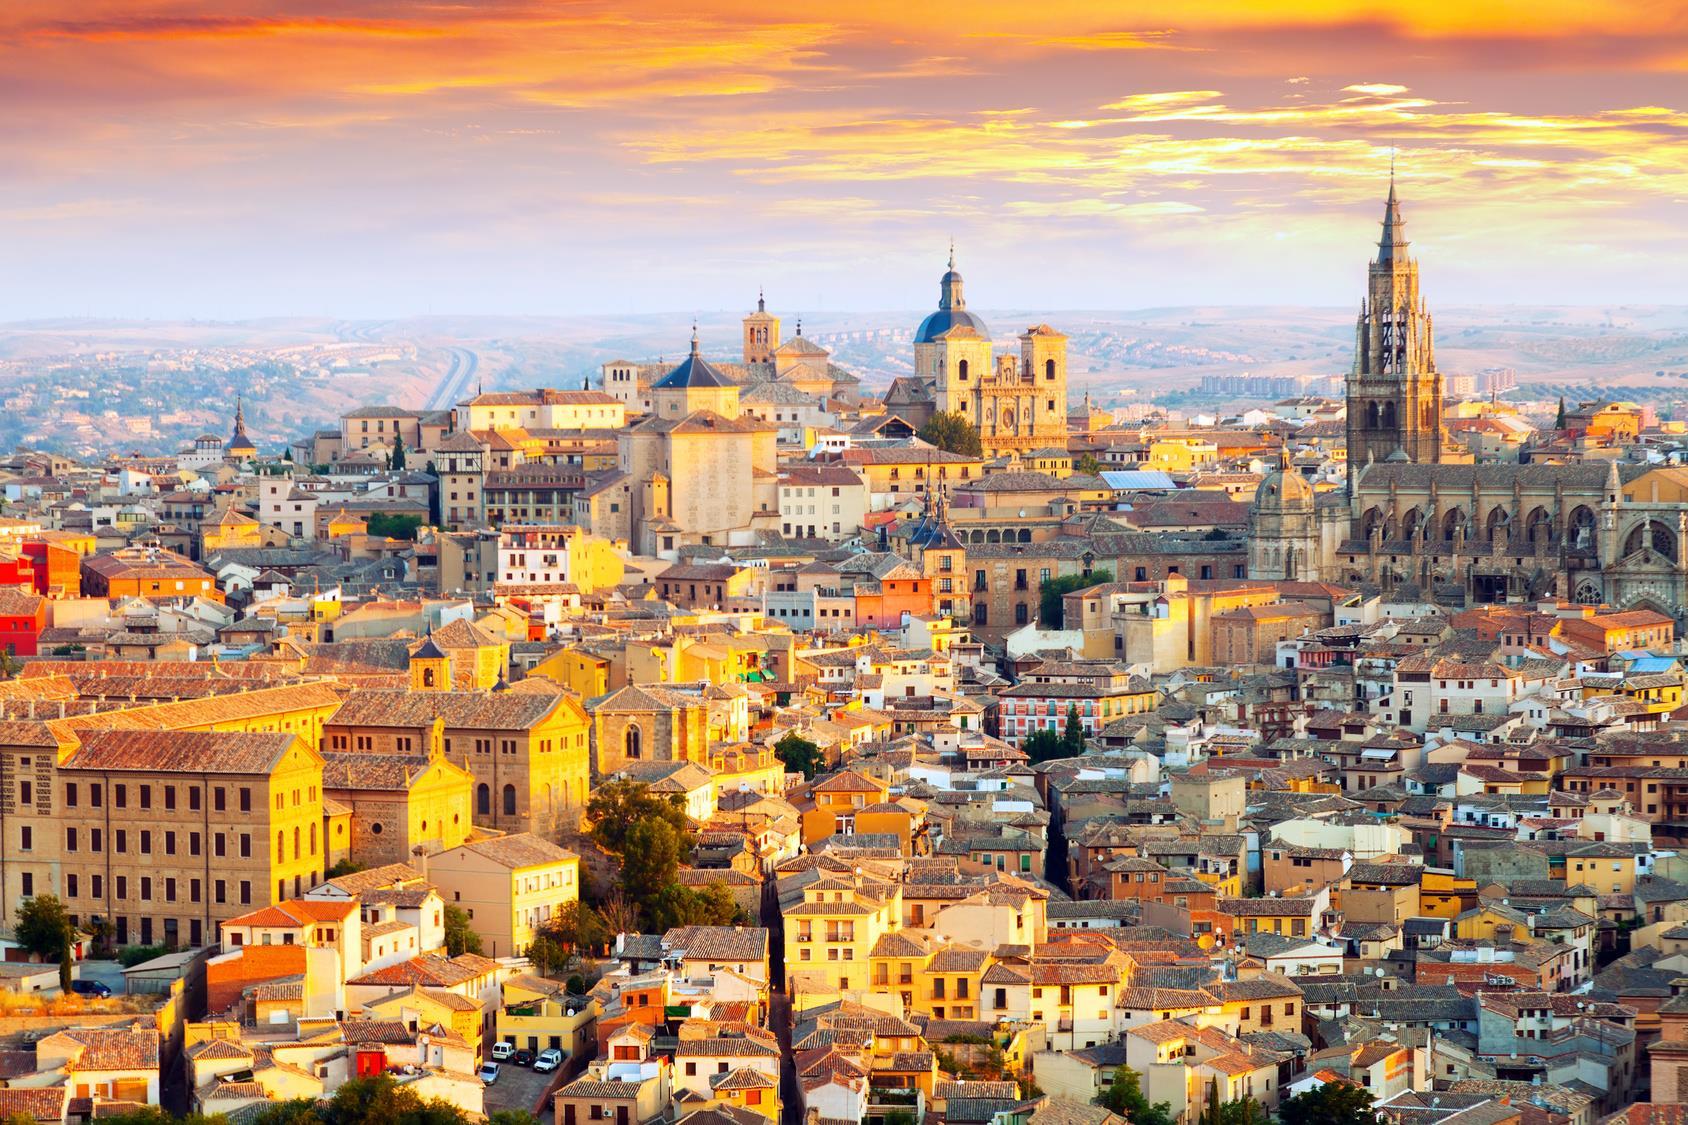 میراثی عجیب در اسپانیا